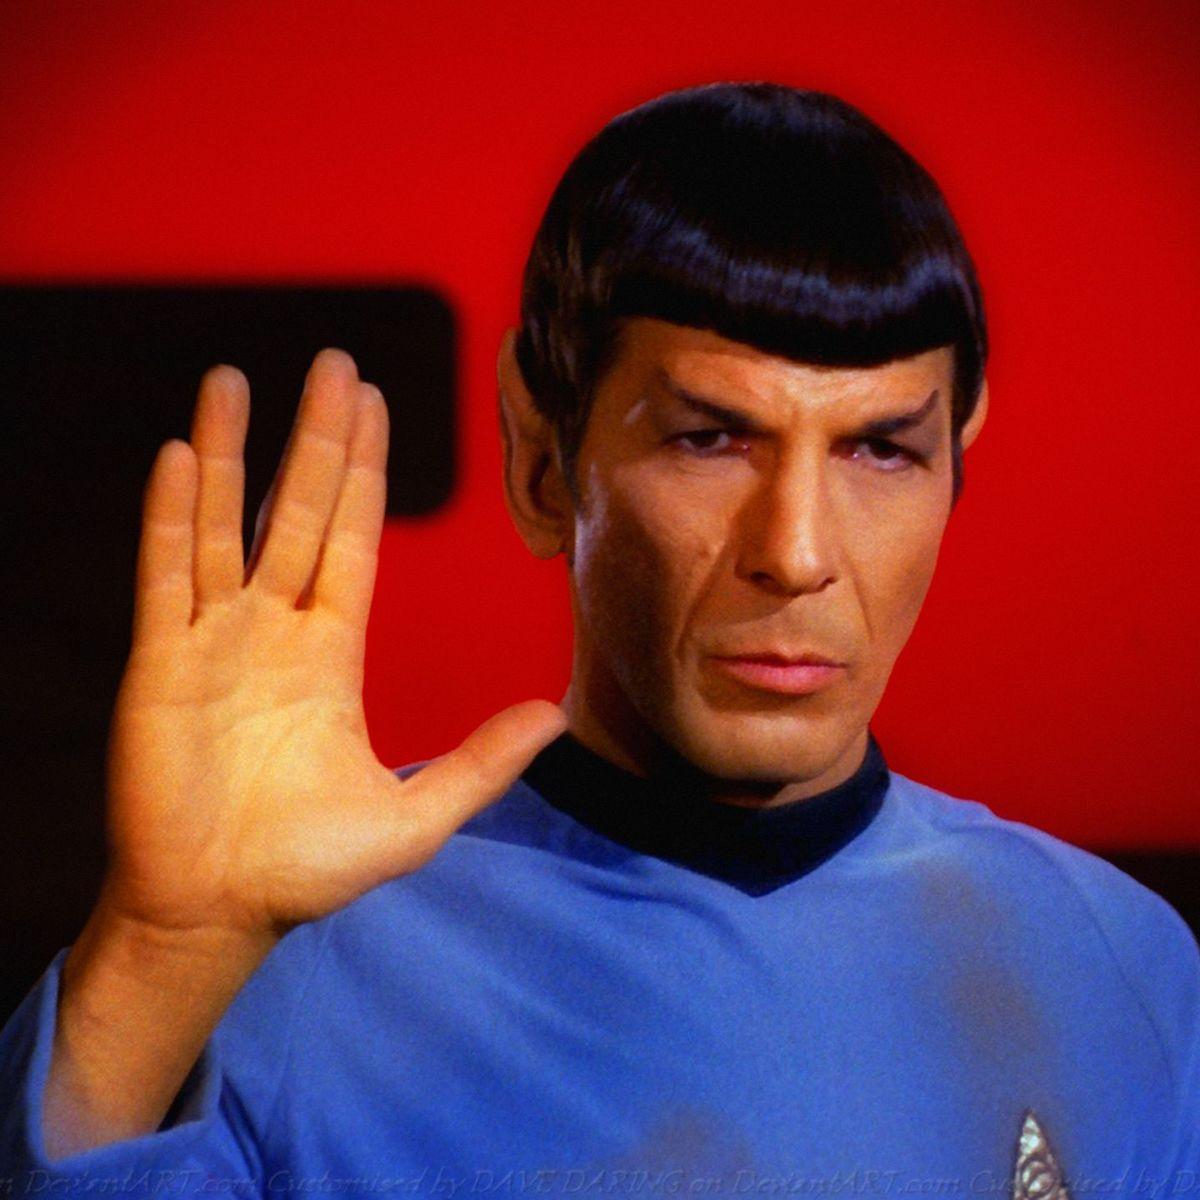 Spock_0.jpg